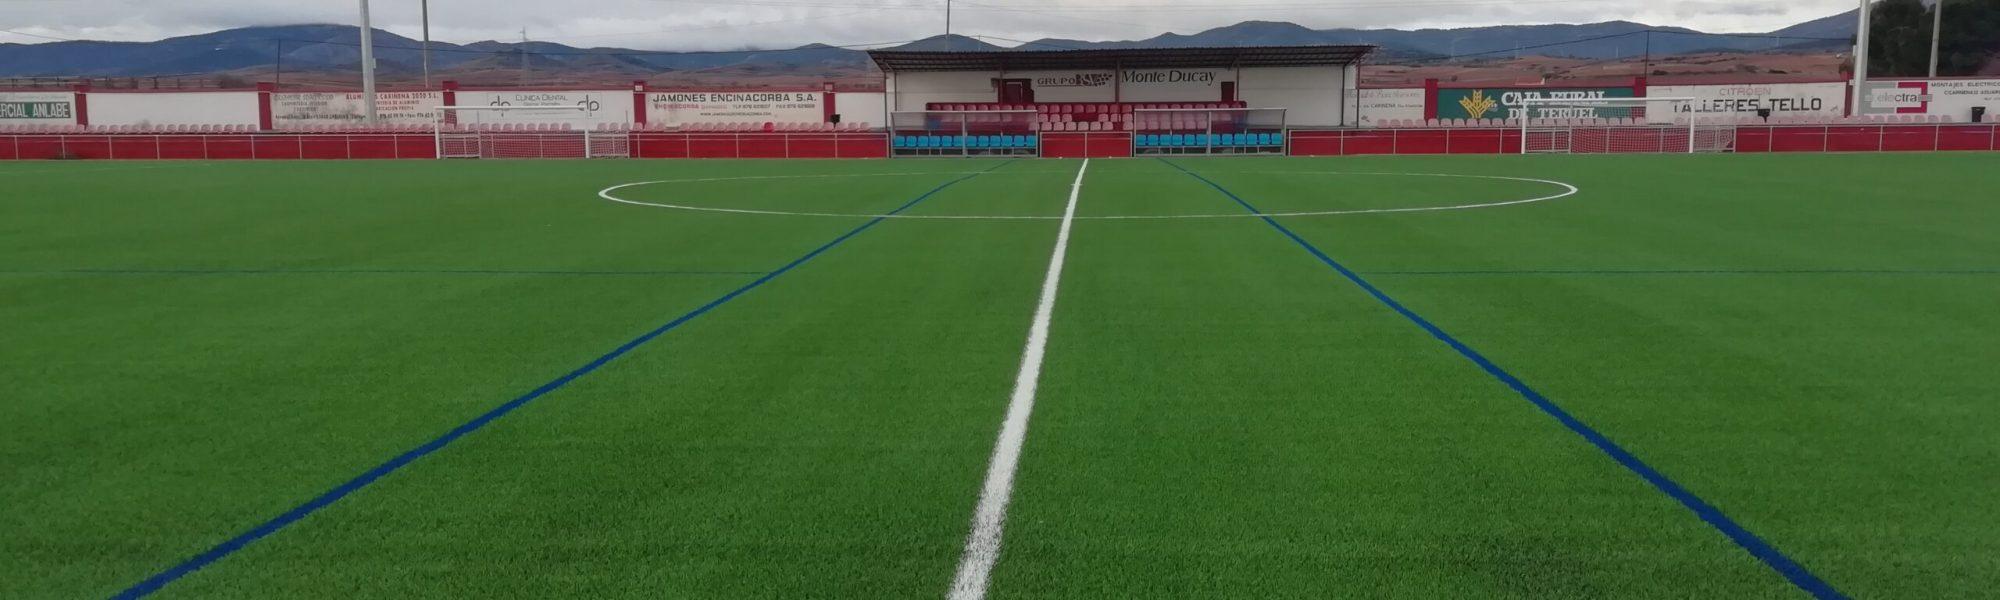 Campo de fútbol 'La Platera' de Cariñena (Zaragoza), equipado con césped artificial de Mondo